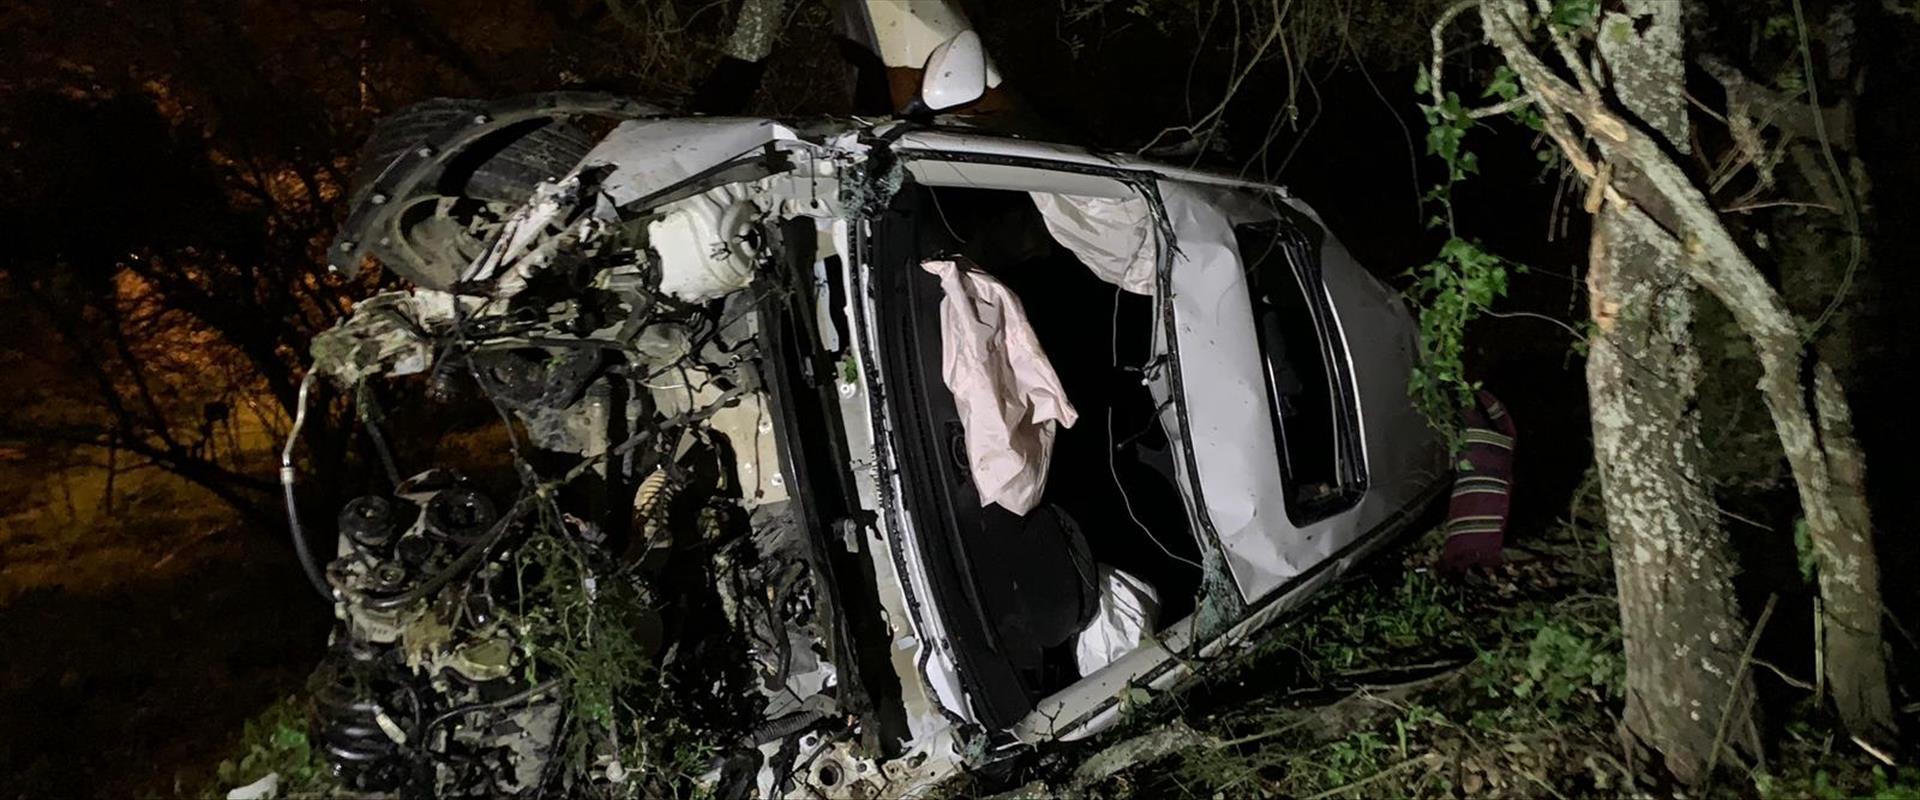 תאונת הדרכים בעמק יזרעאל